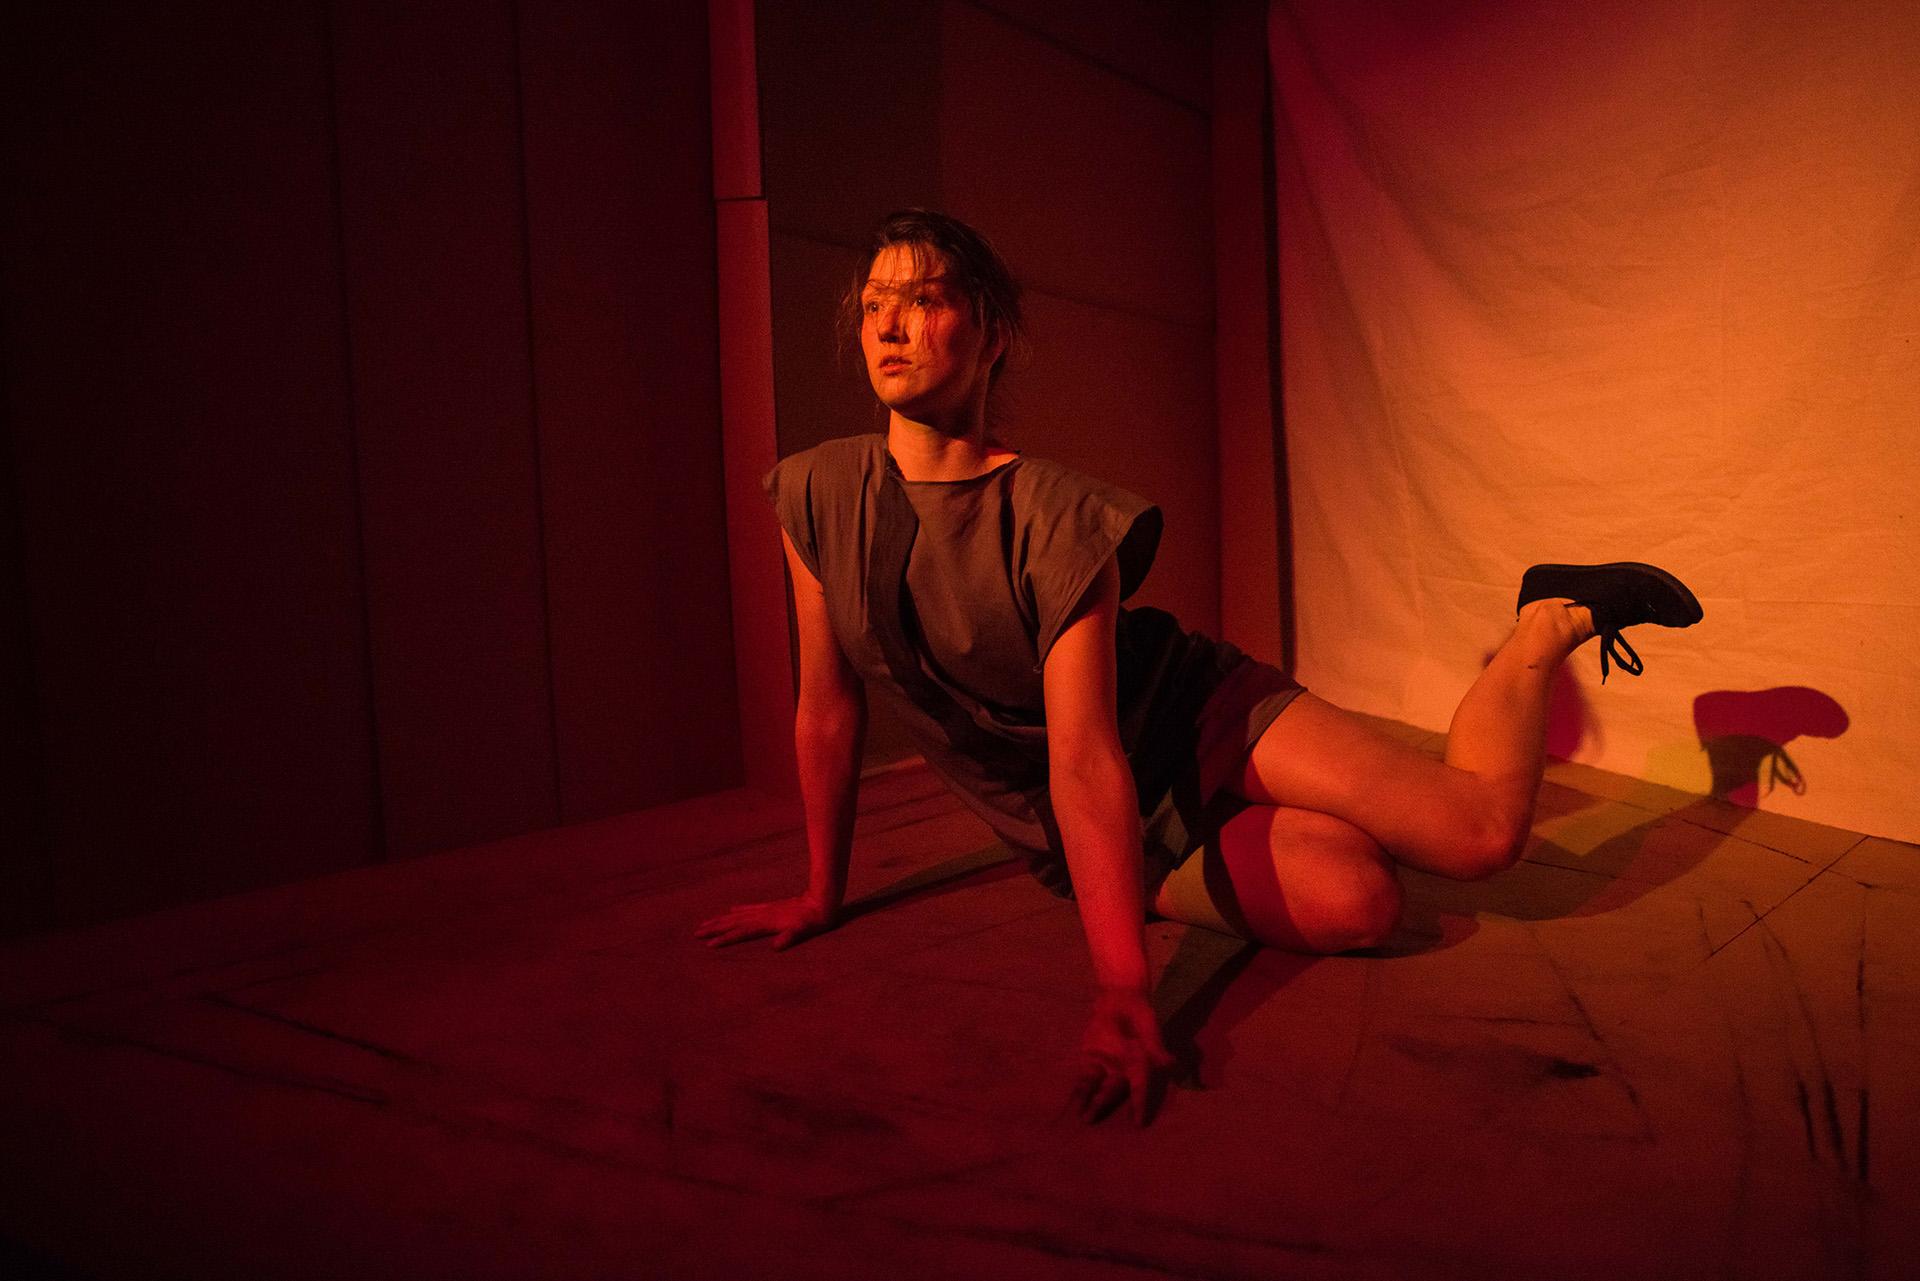 KODAM | Franziska Menge | Scenography | Mirja Bons | Joëlle Snijders | Academie voor Theater en Dans | Robert van der Ree photography | theaterfotografie | theater photography | theatre photography | dance photography